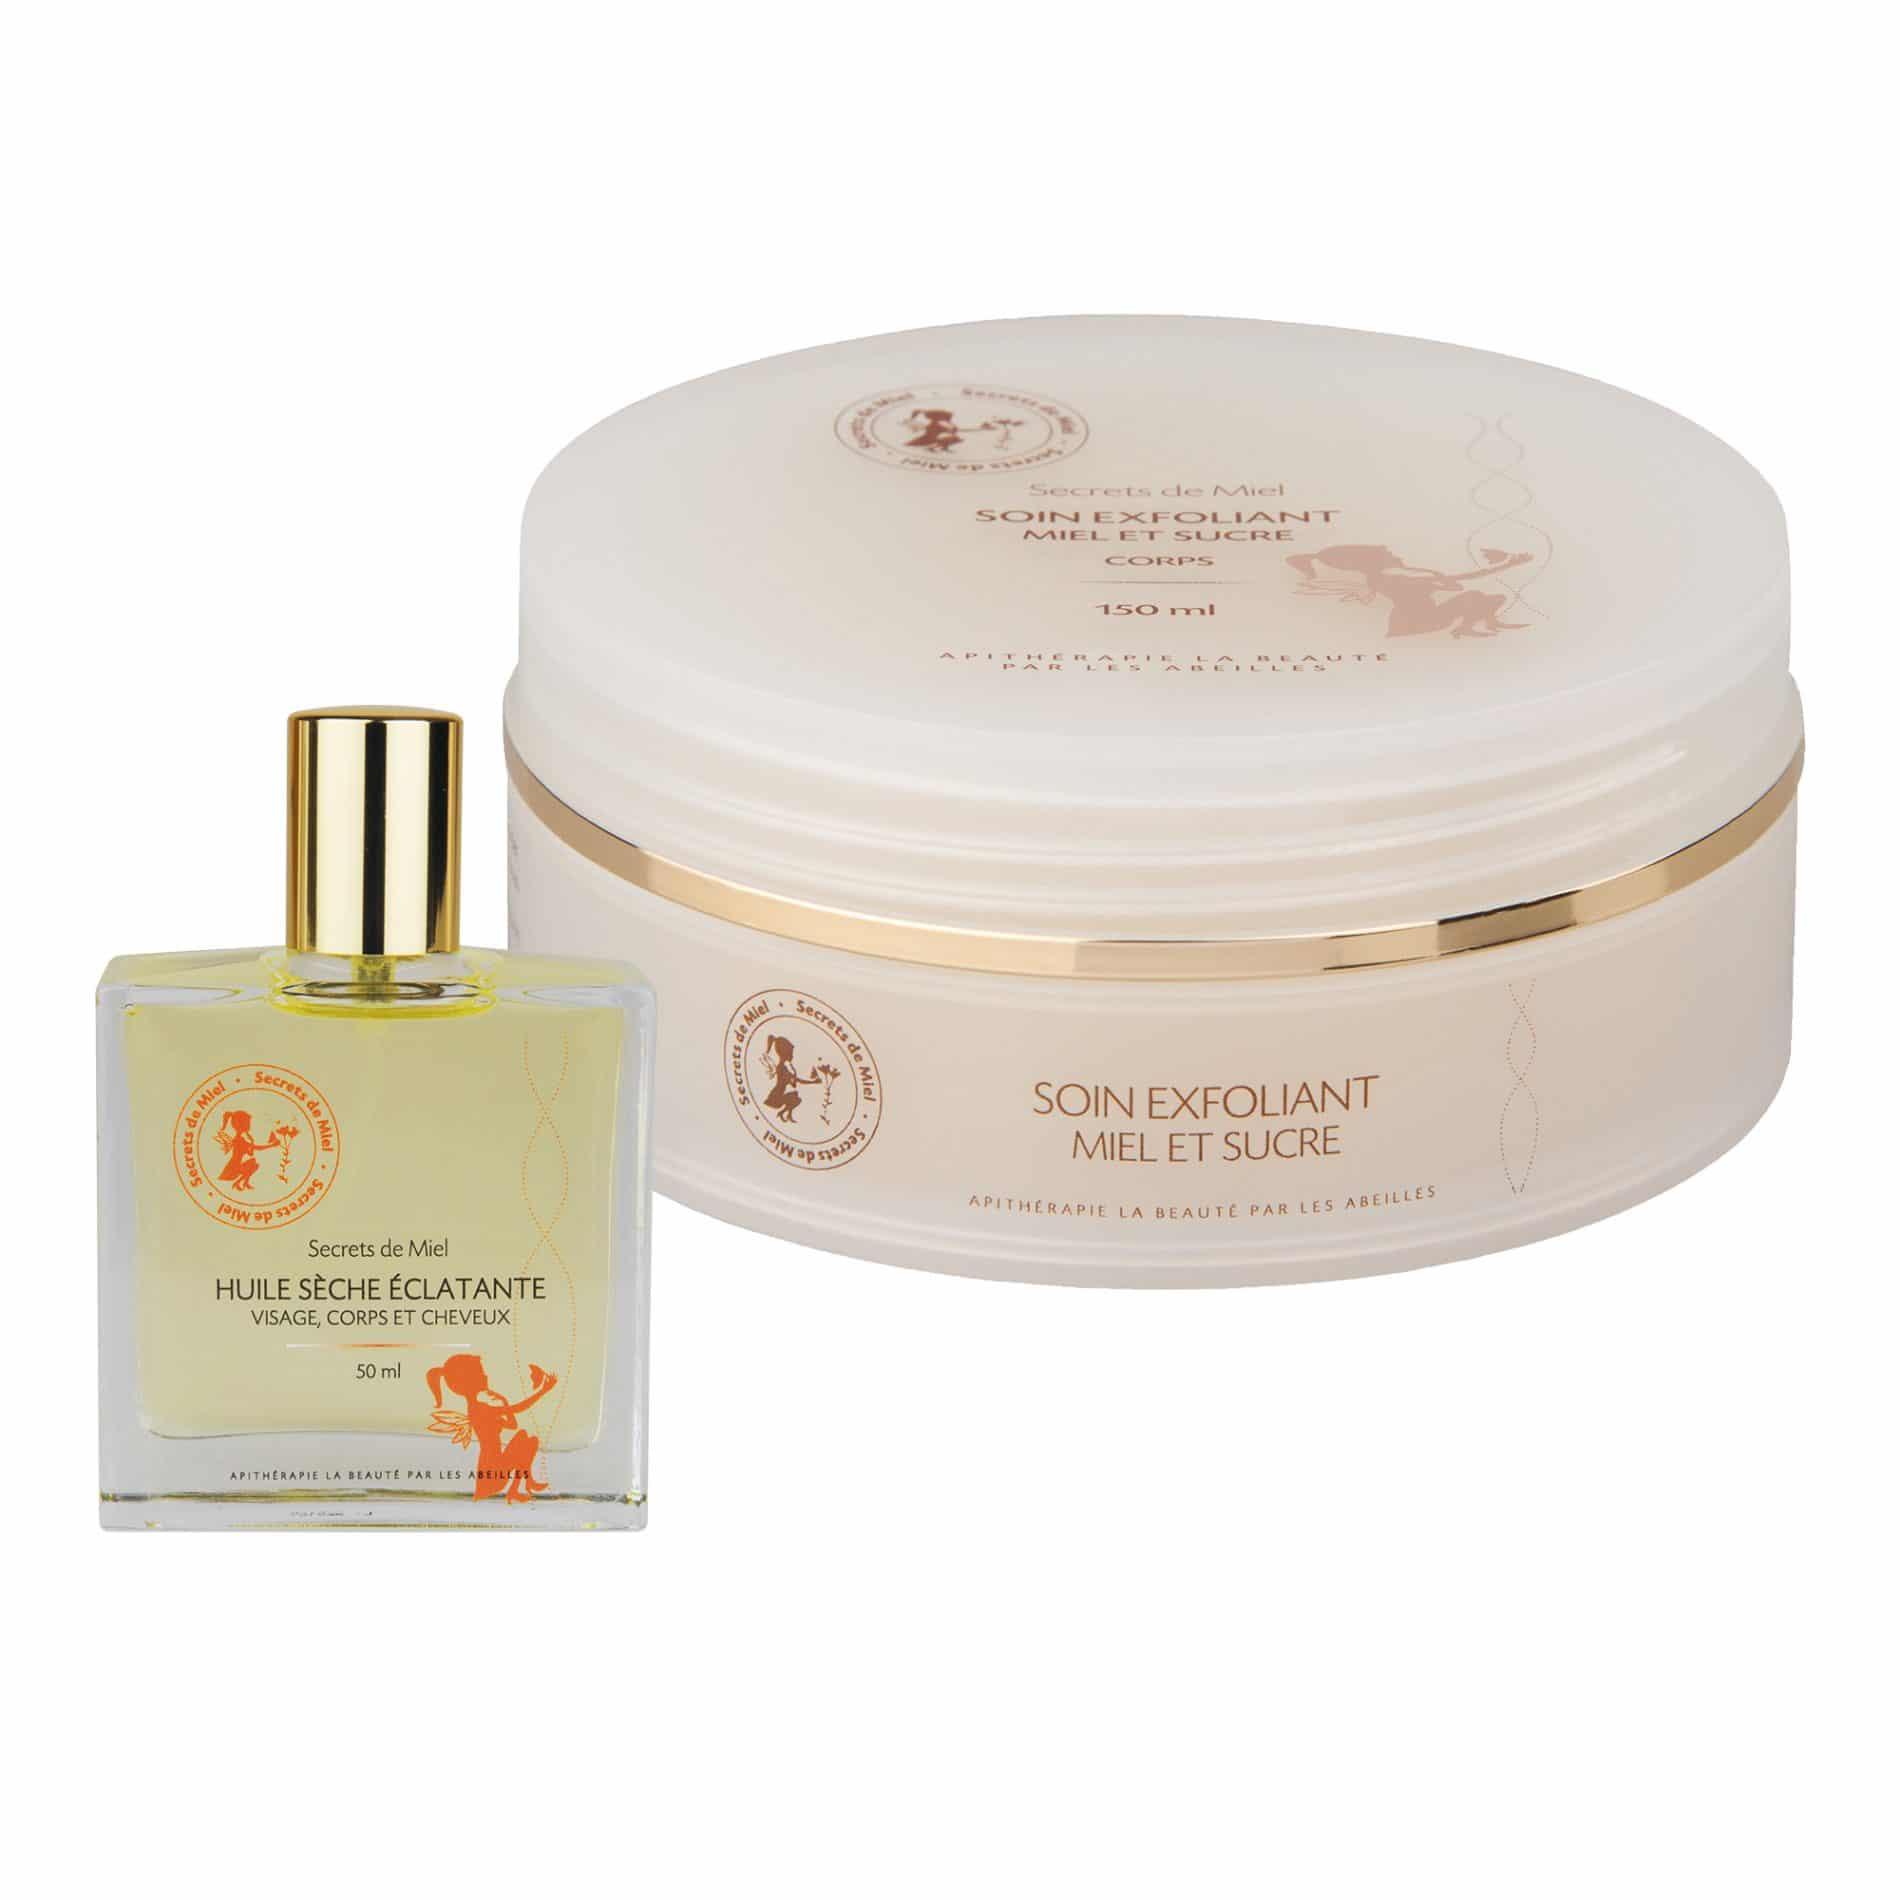 Duo gommage et huile - Entretenir la peau - bon pour la peau - gommage et douceur - elimine les impurtés - produit naturel - Secrets de Miel